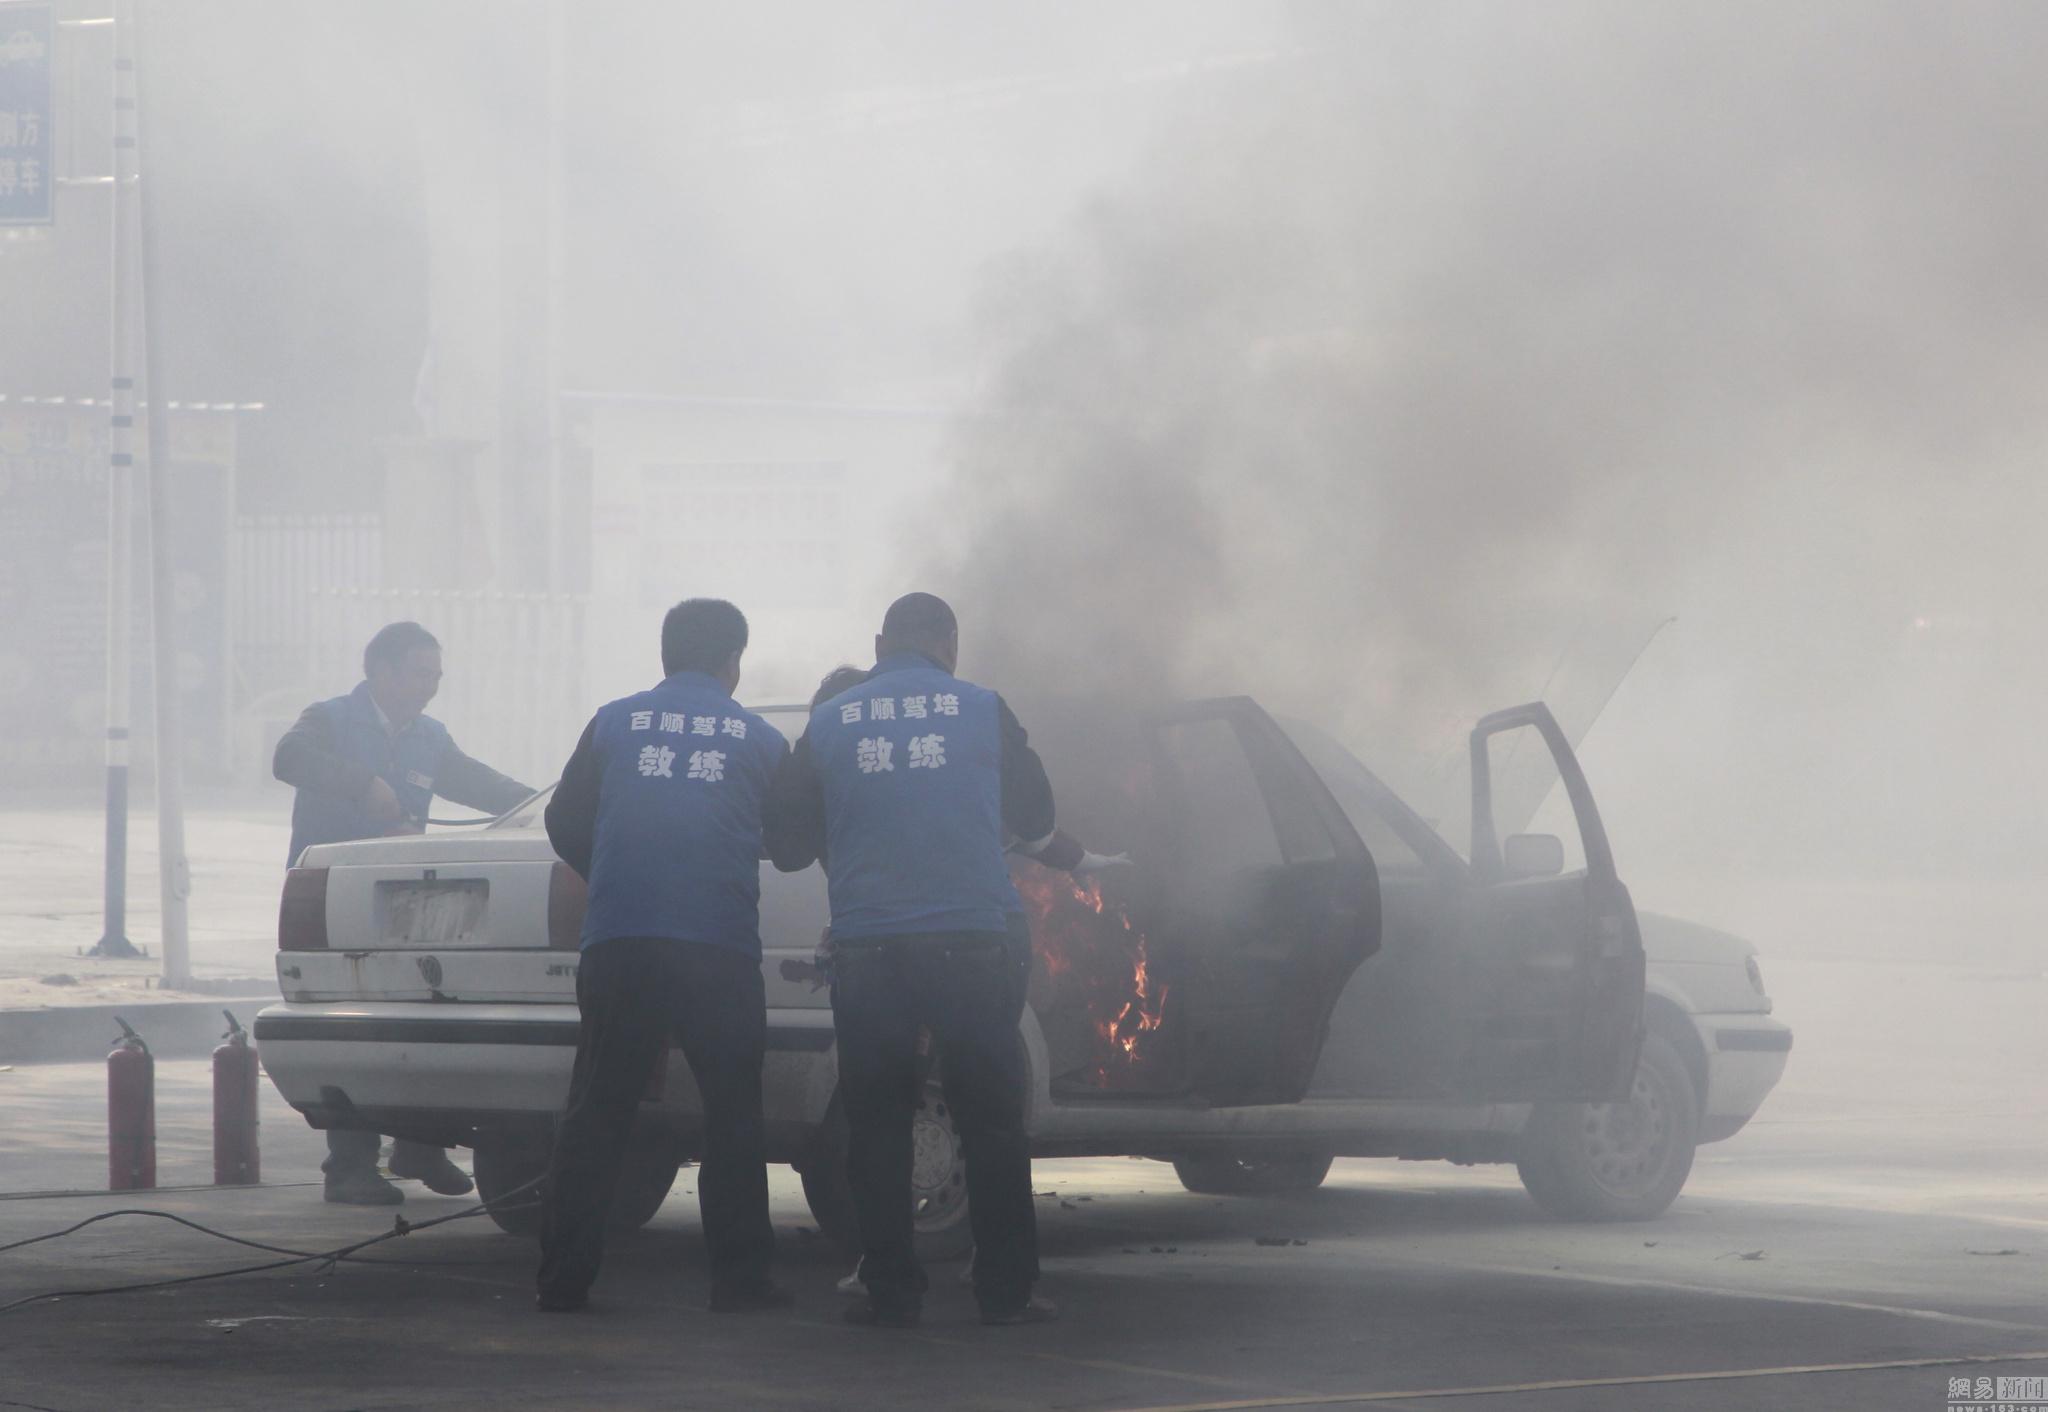 2015年11月1日,河南省郑州市沙口路,一所驾校在练车场将一辆轿车点燃,实战传授学员实战灭火技能。